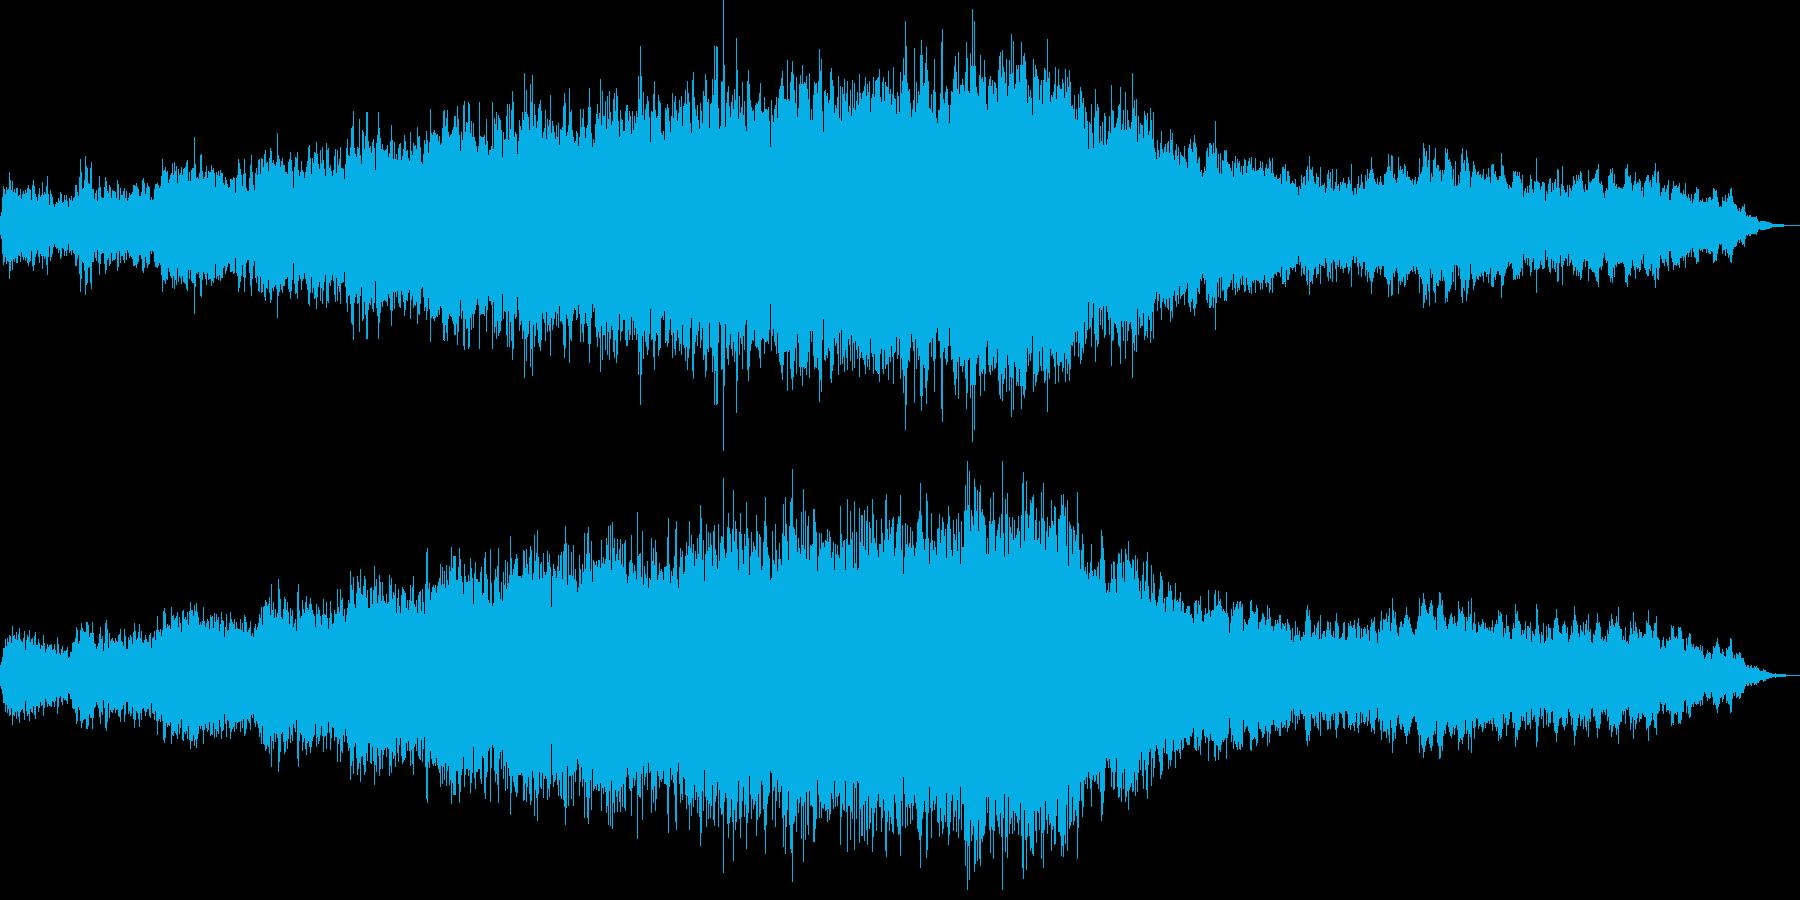 ミステリックなシンセのジングルの再生済みの波形